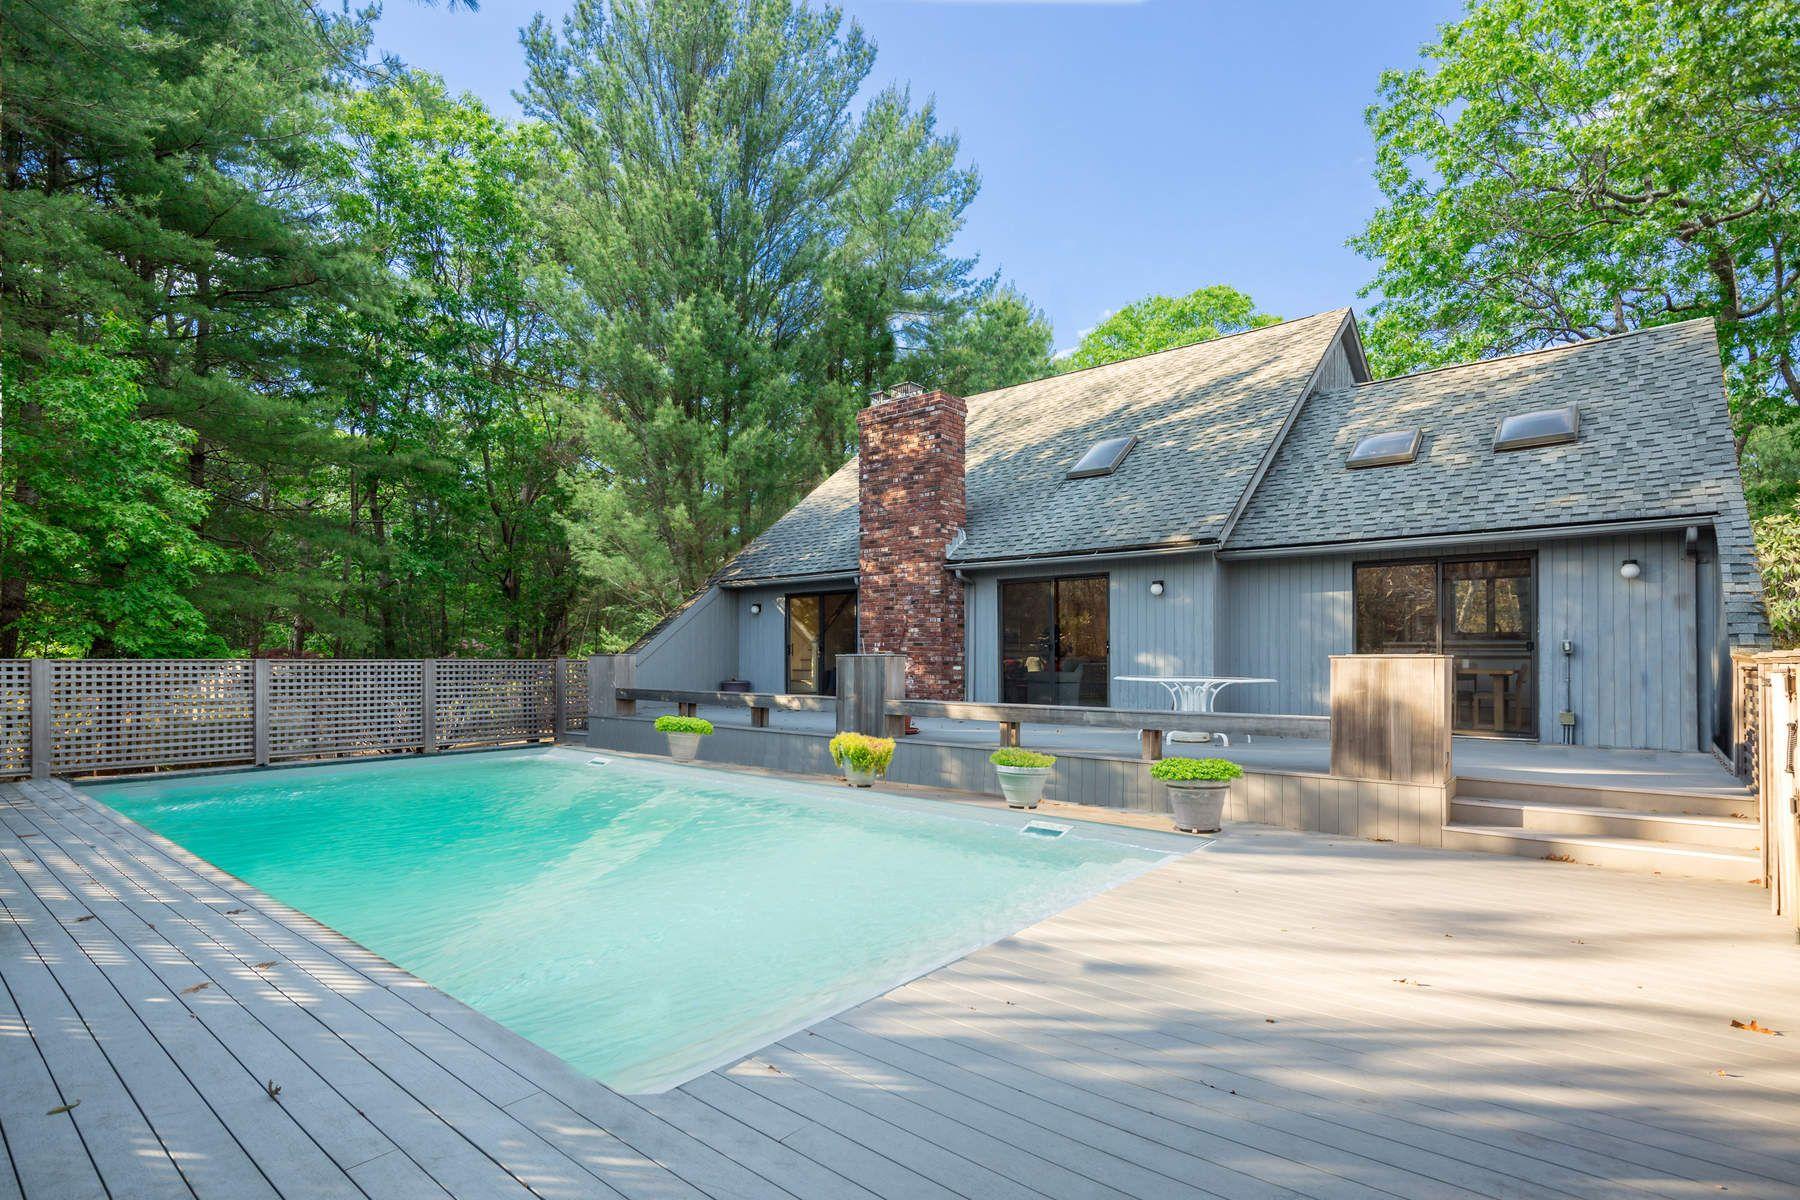 단독 가정 주택 용 매매 에 SECLUDED CONTEMPORARY IN NORTHWEST WOODS East Hampton, 뉴욕, 11937 미국